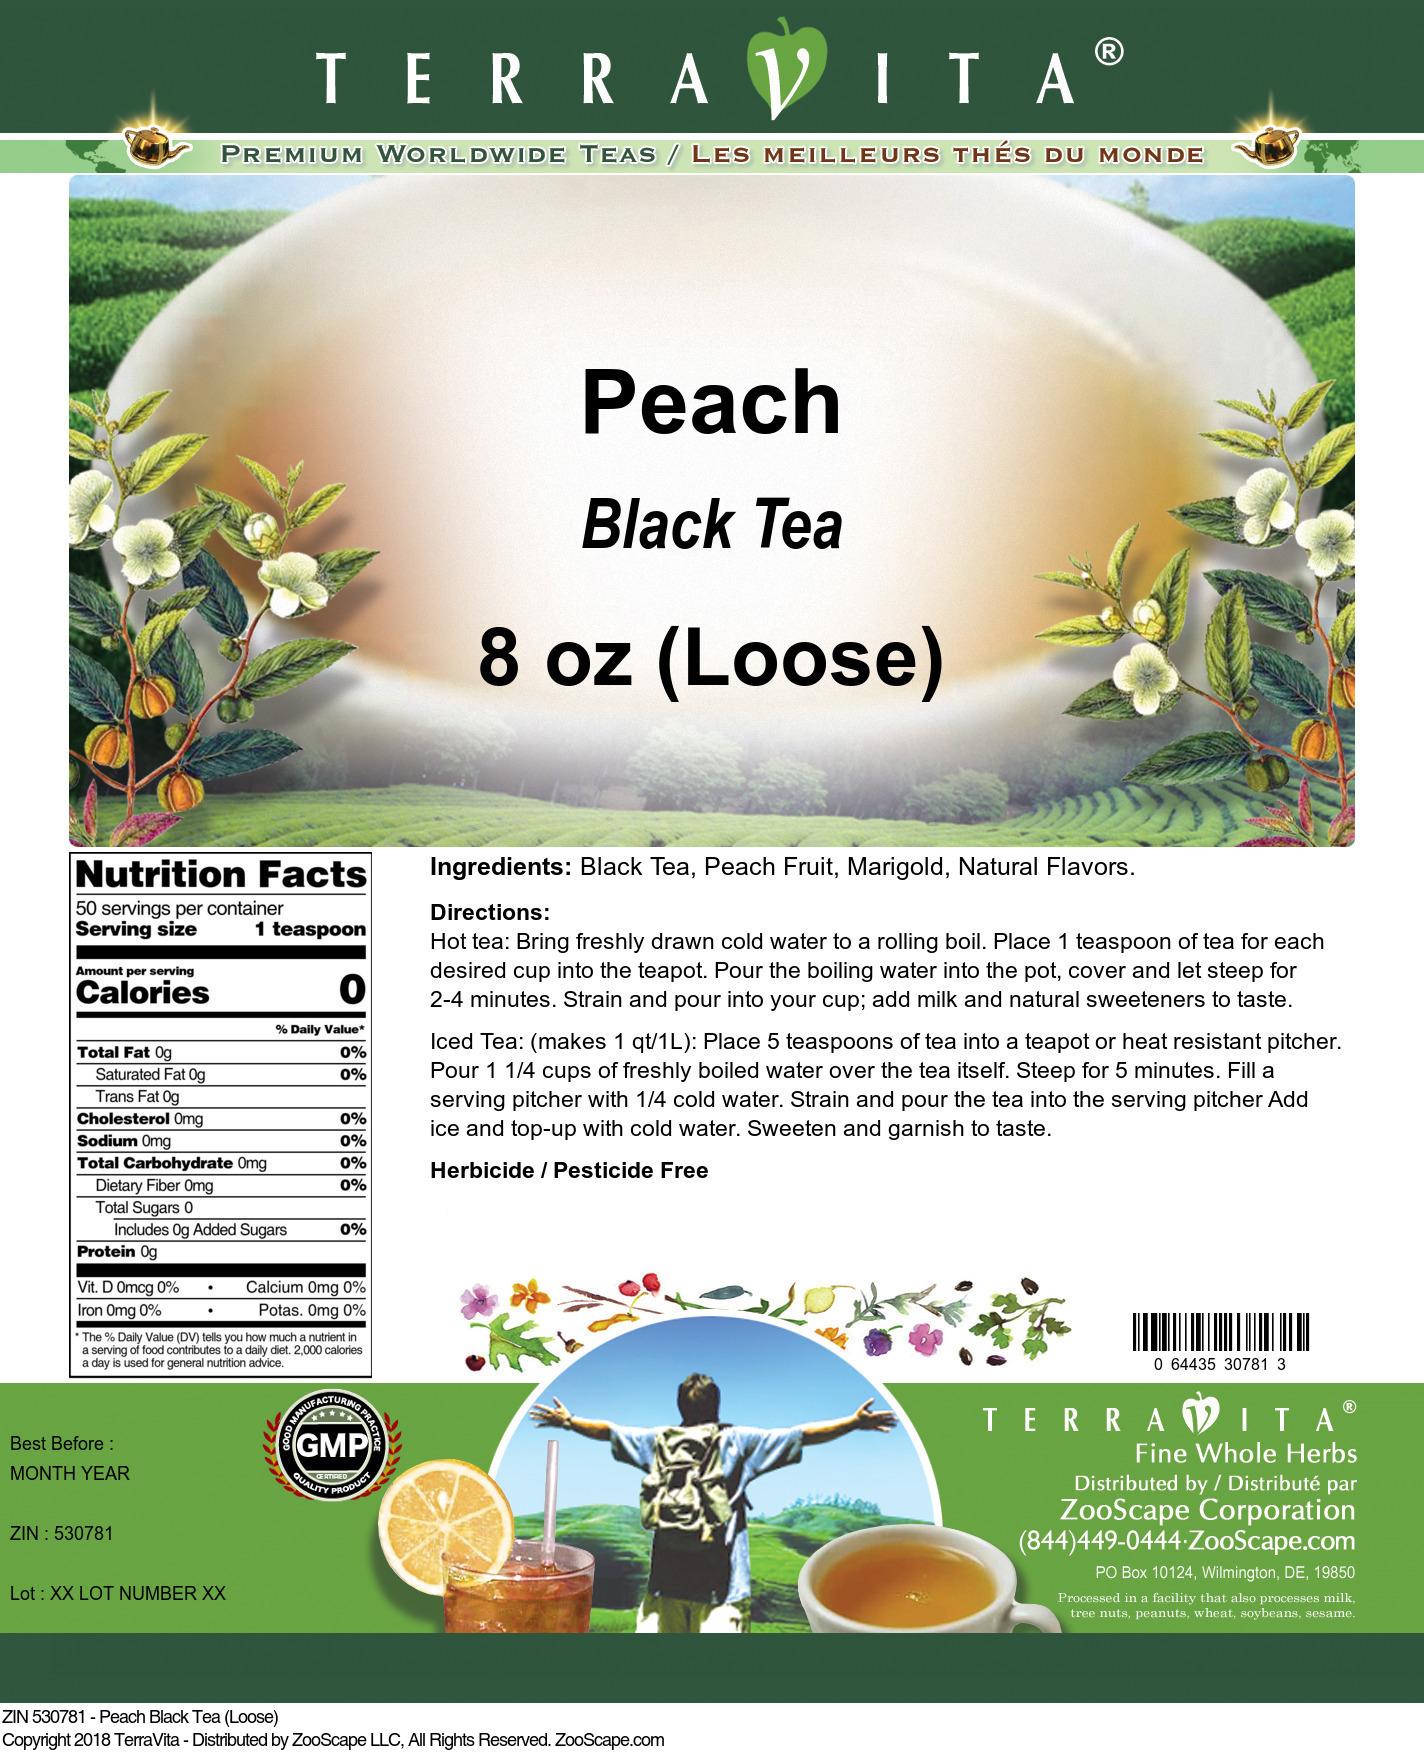 Peach Black Tea (Loose)